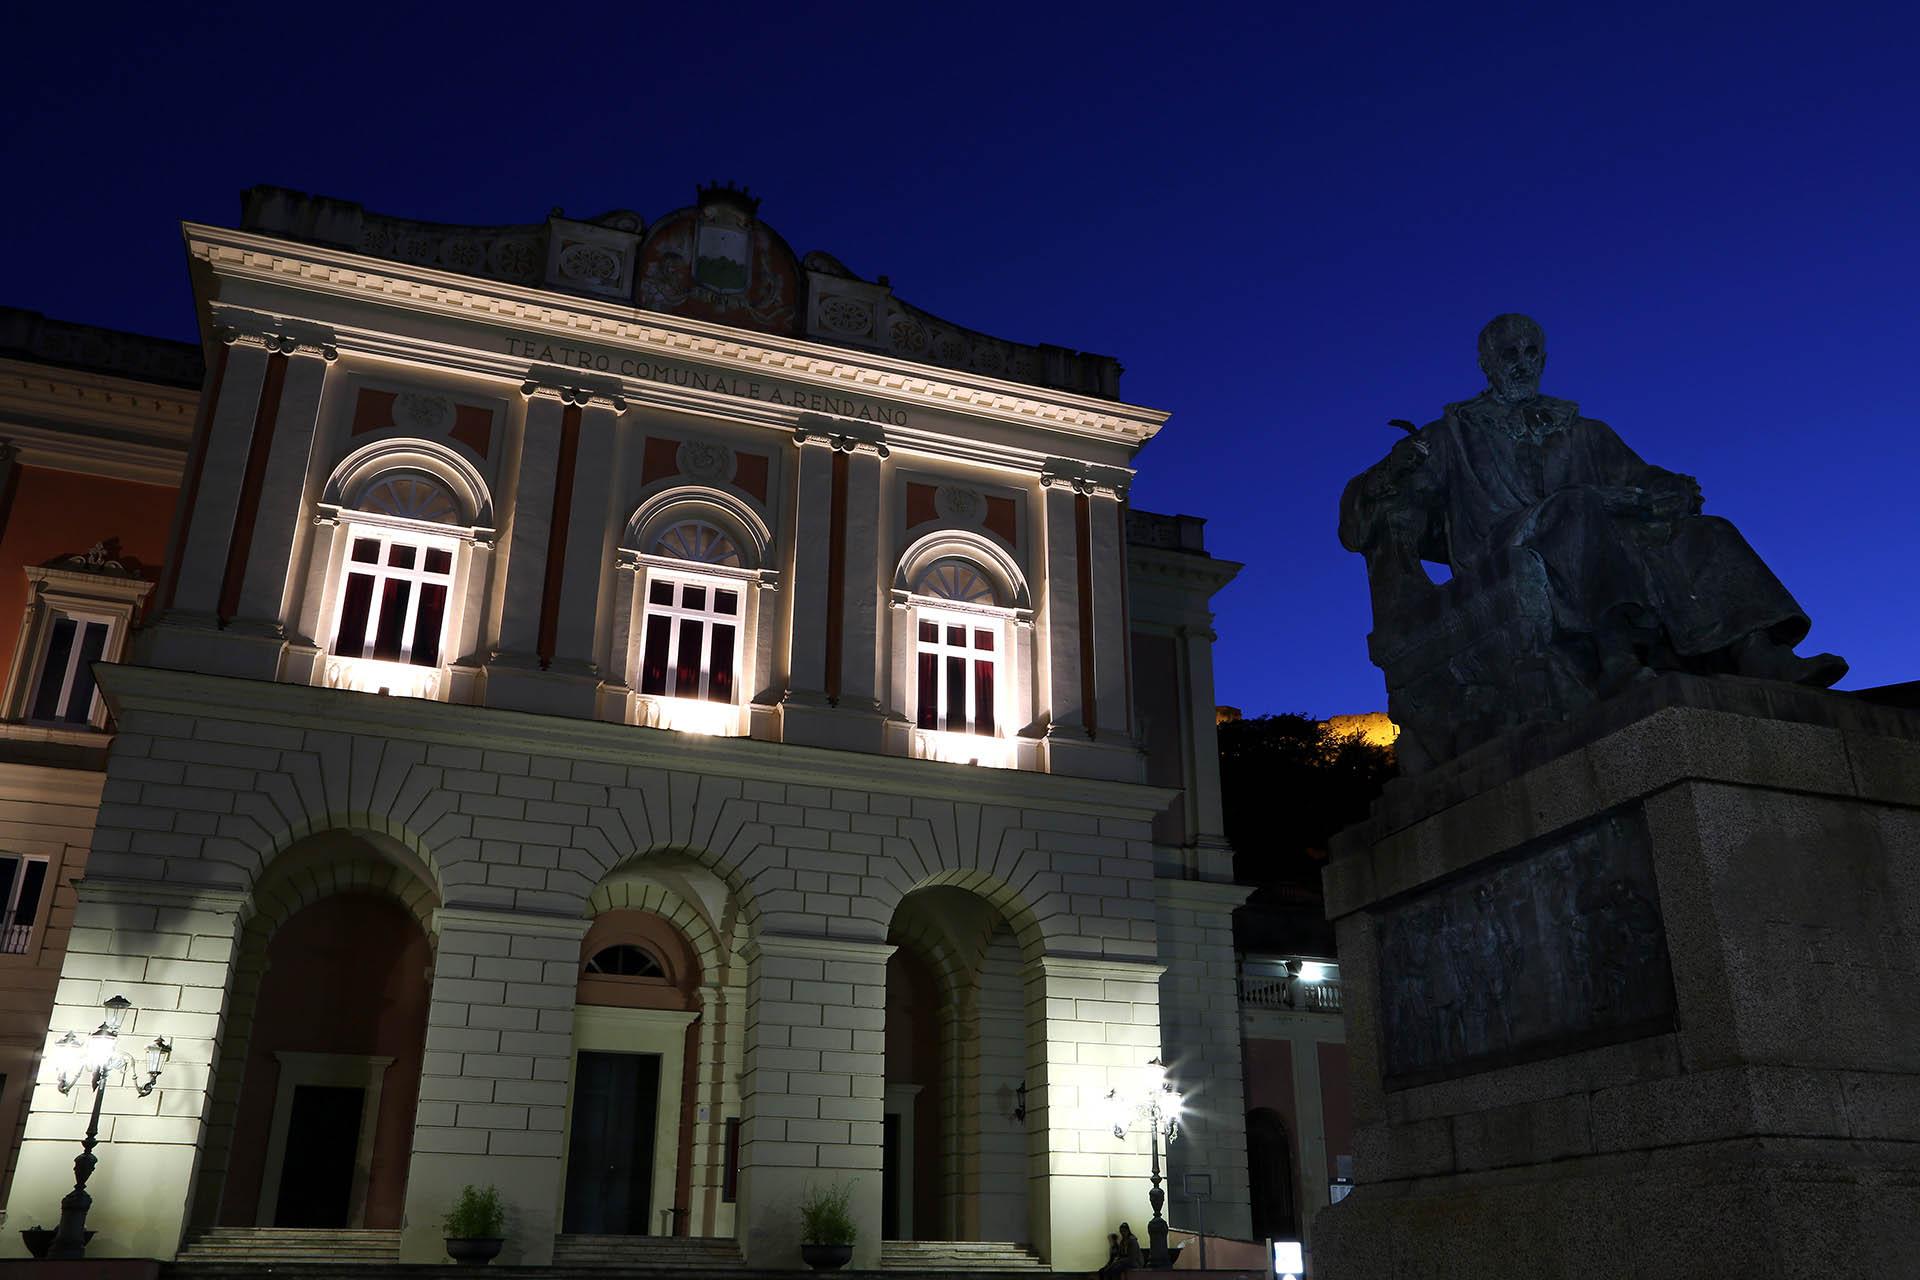 Teatro Alfonso Rendano e statua Bernardino Telesio.